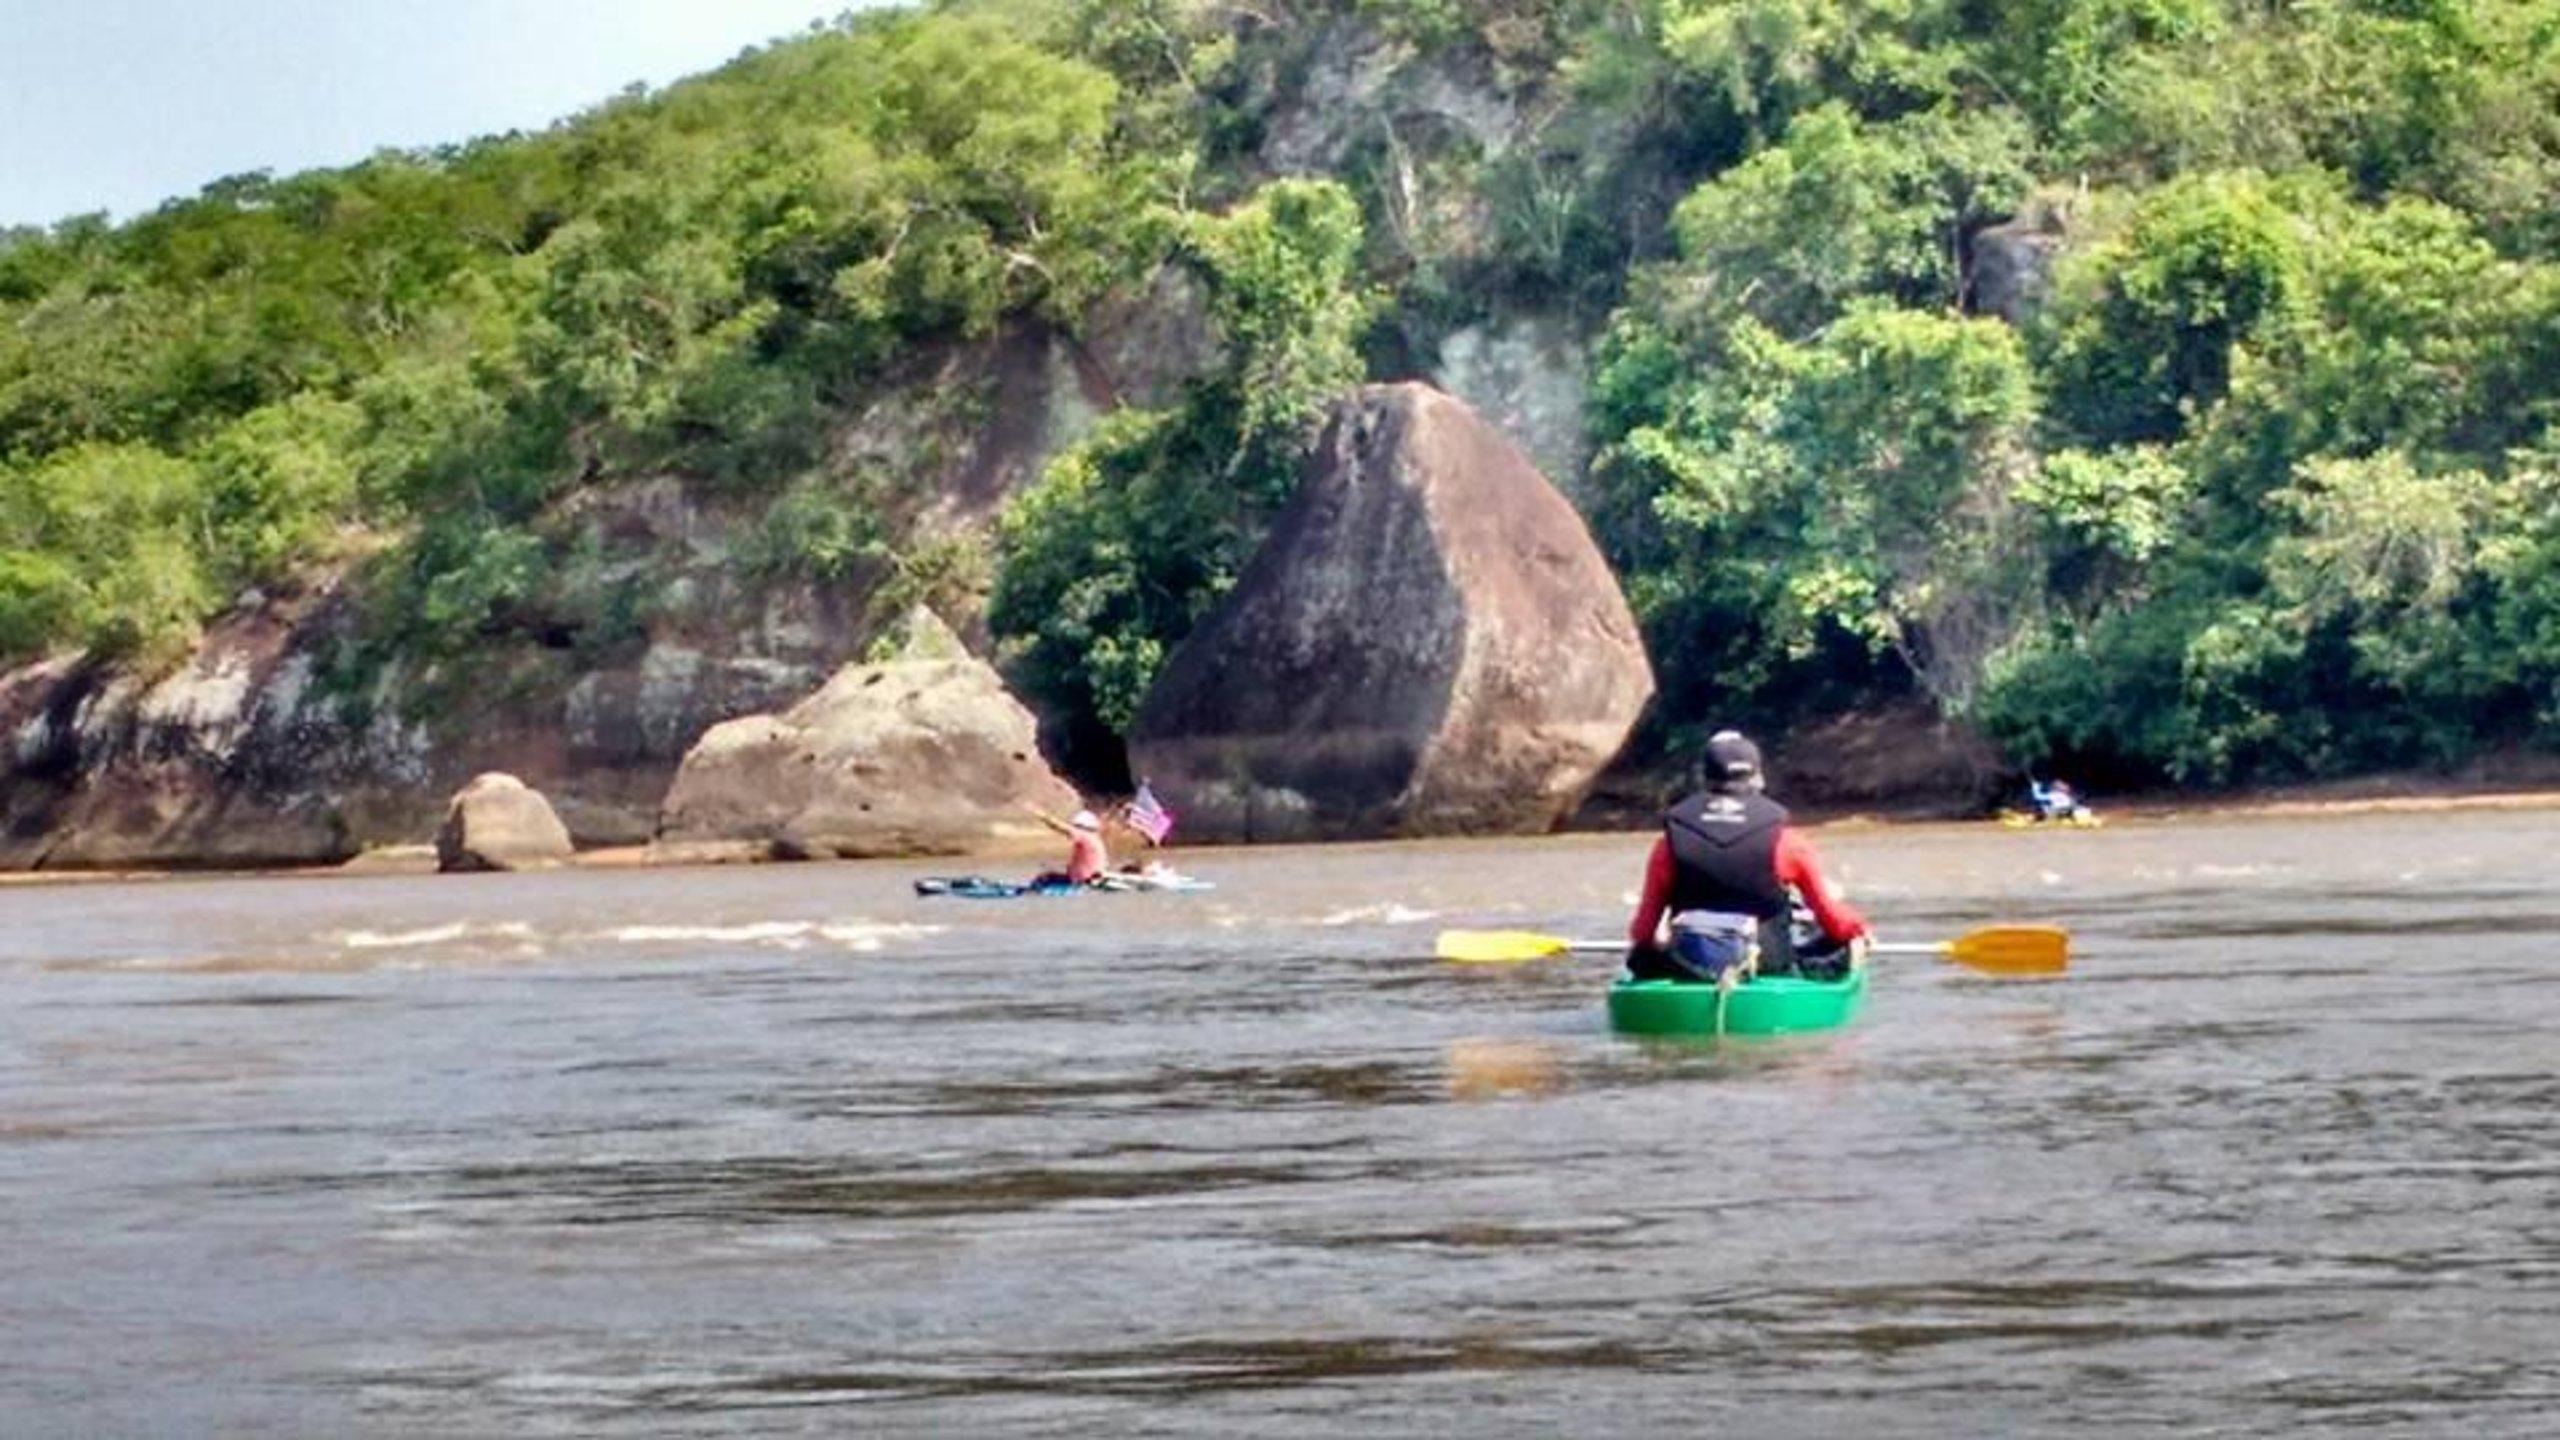 Coxim Mato Grosso do Sul fonte: media-cdn.tripadvisor.com